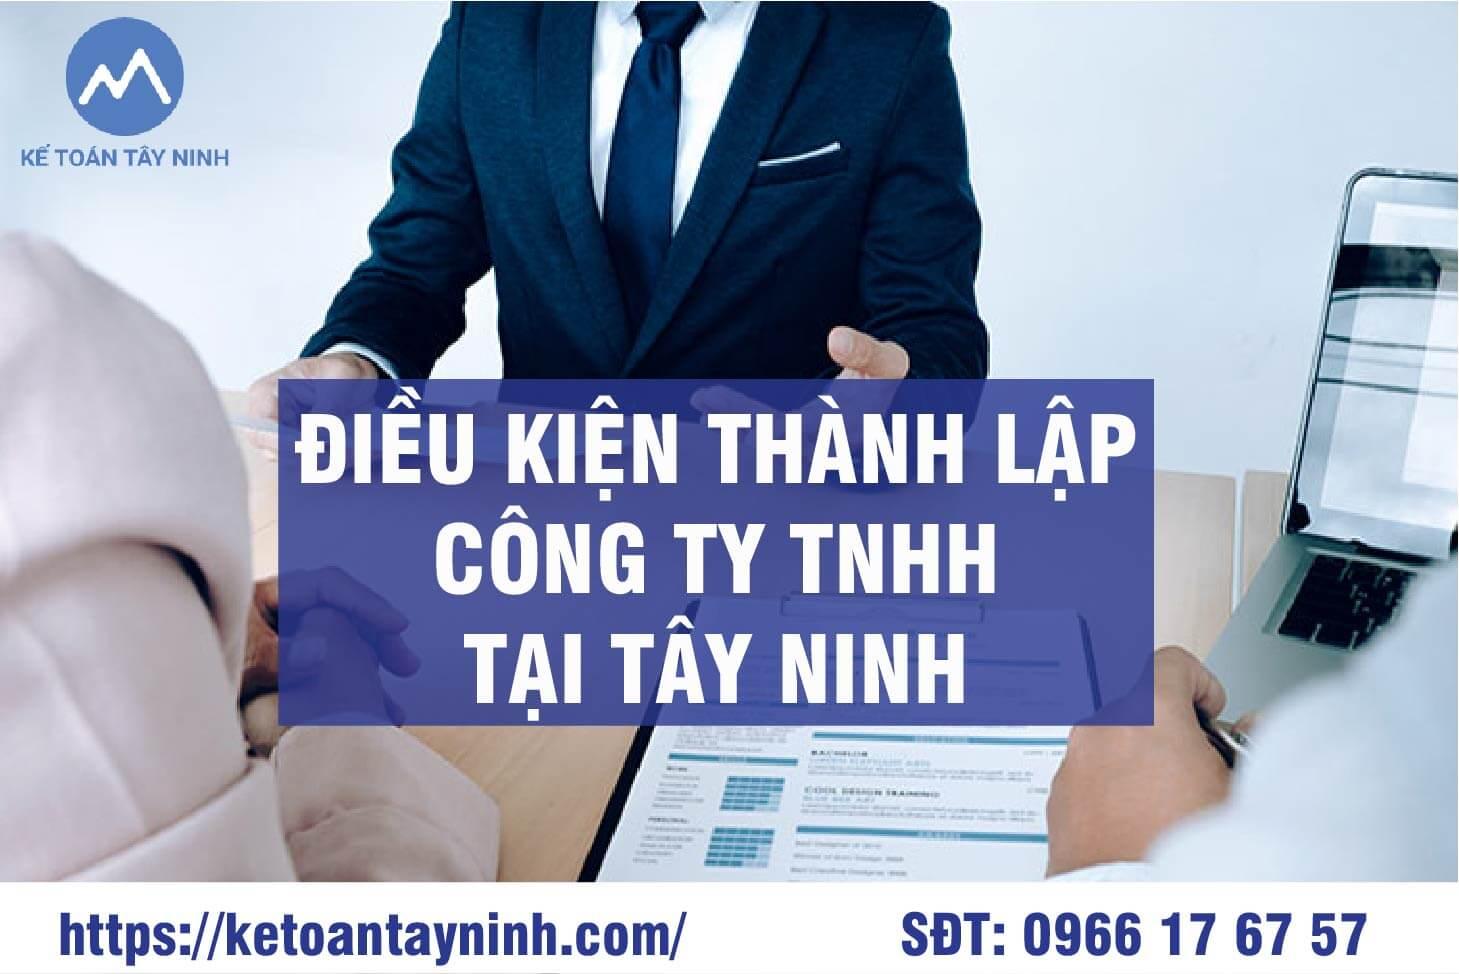 Điều kiện thành lập công ty TNHH tại Tây Ninh